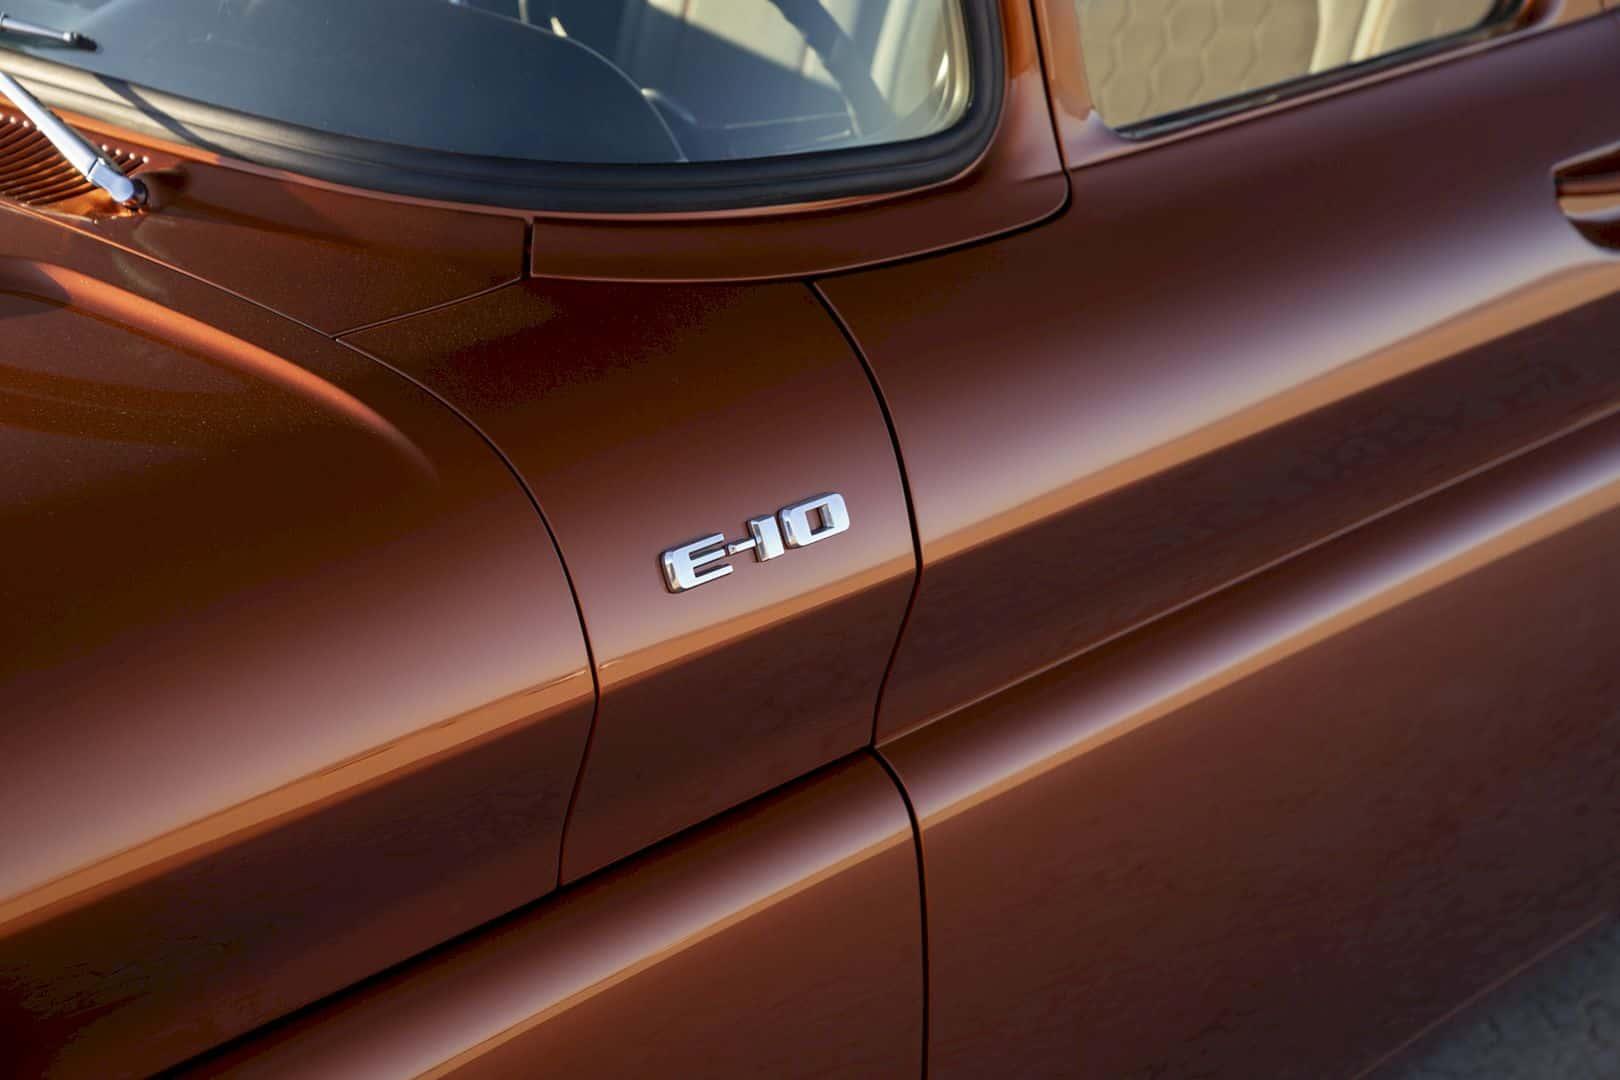 Chevrolet E 10 Concept Electrifies Hot Rodding World 2